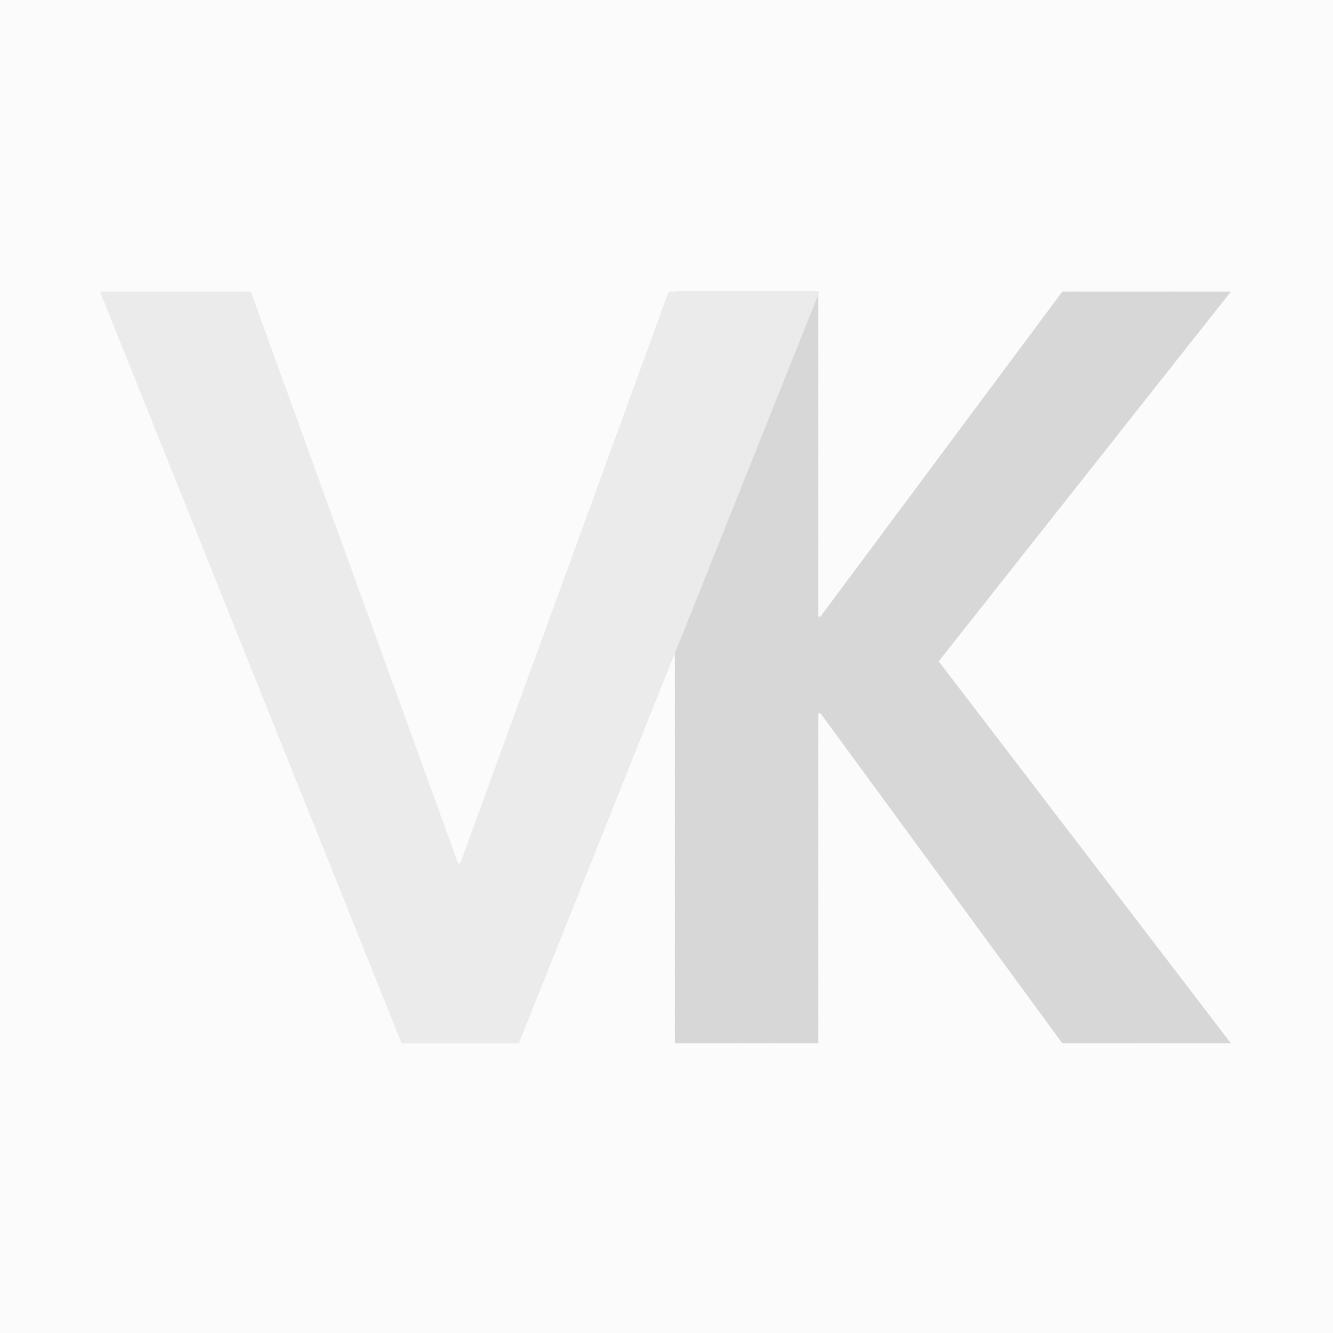 Kyone 660 Kappersschaar 6.0